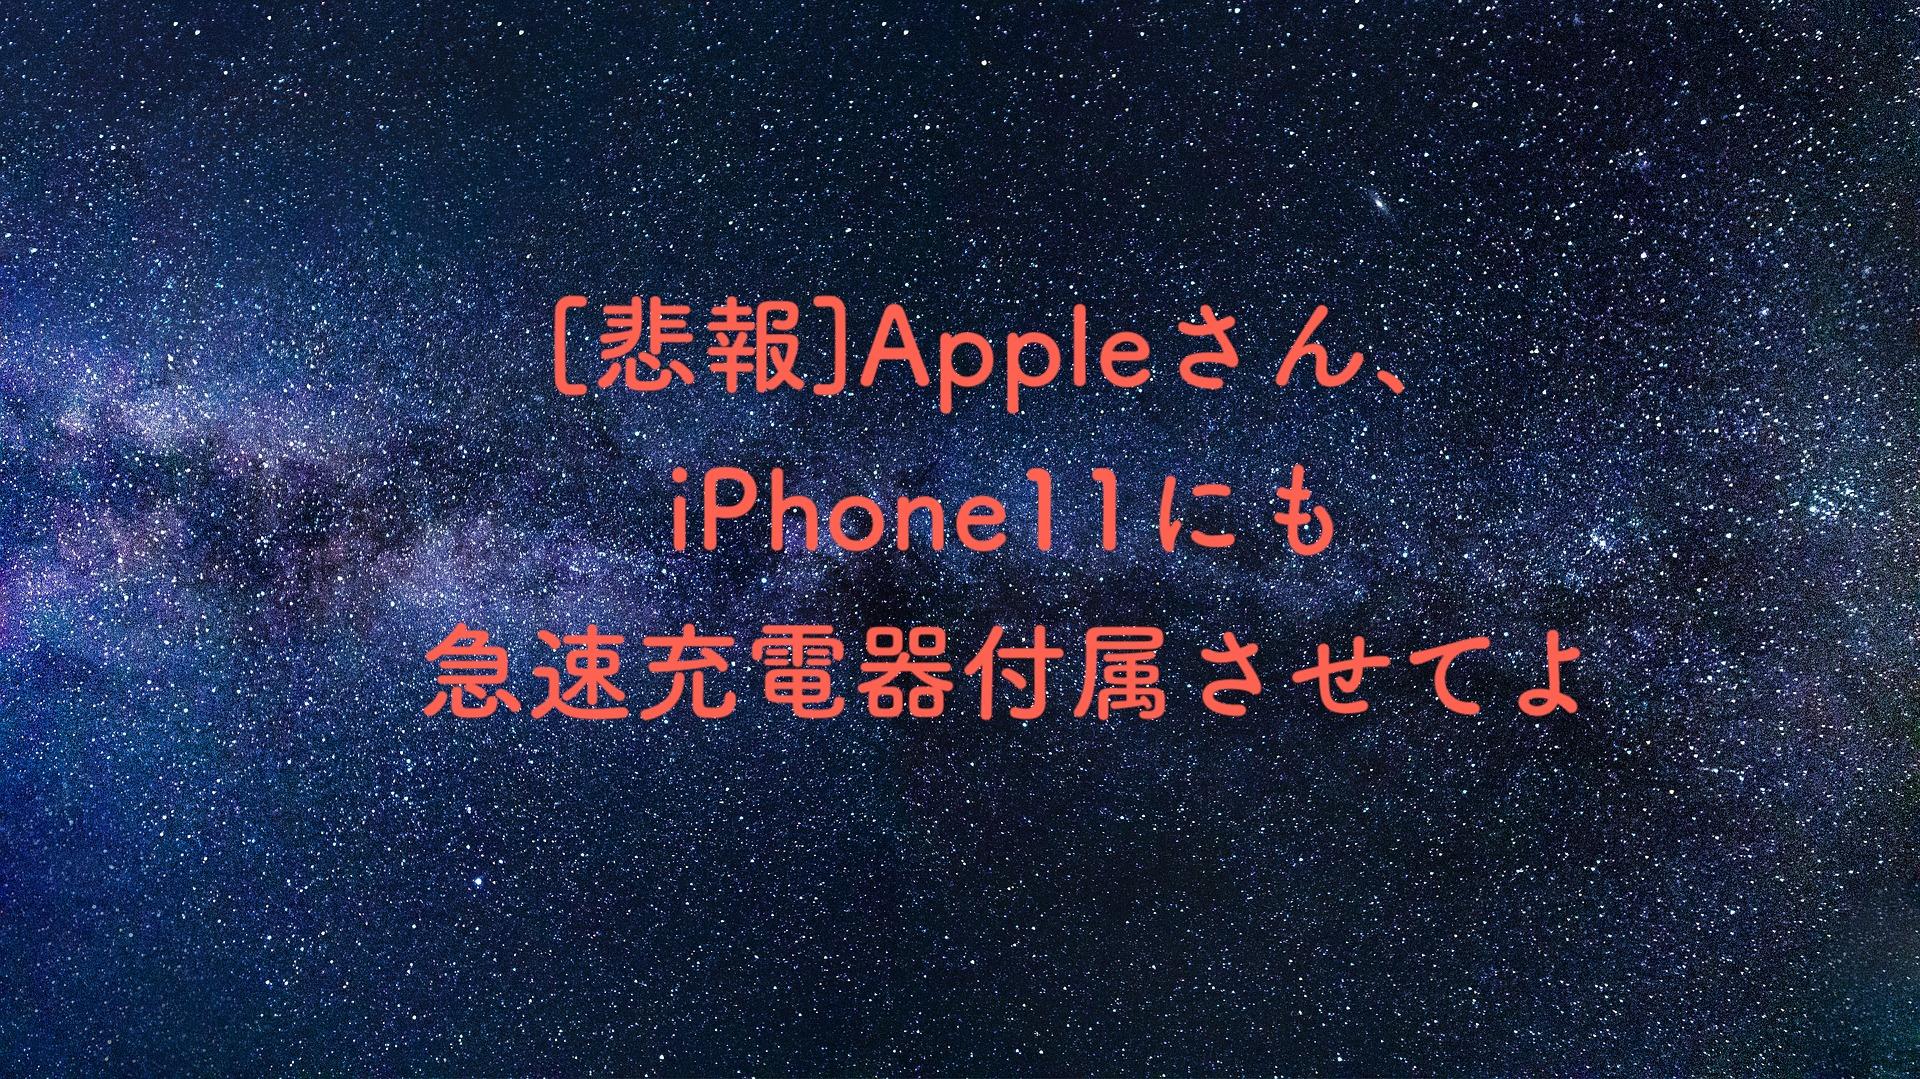 [悲報]Appleさん、iPhone11にも急速充電器付属させてよ。。